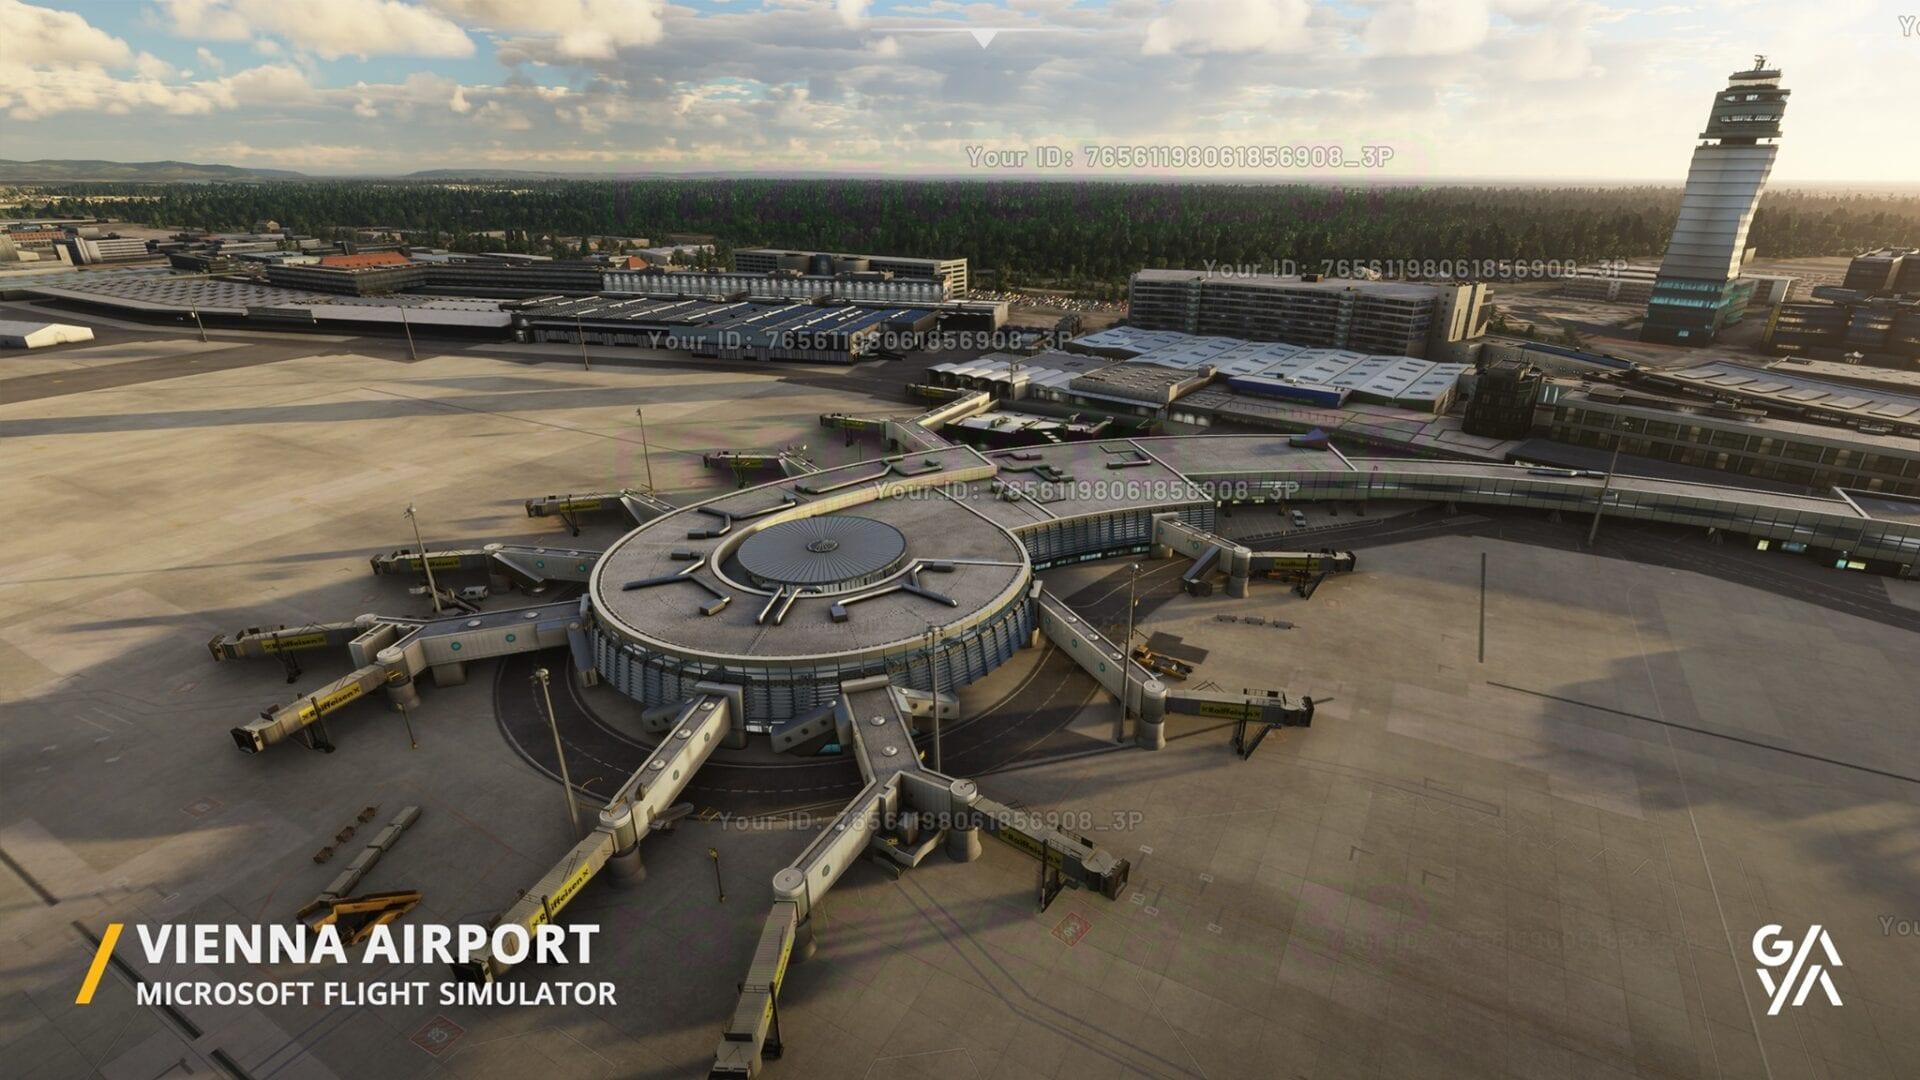 Microsoft Flight Simulator recibirá contenidos de terceros en el futuro 2